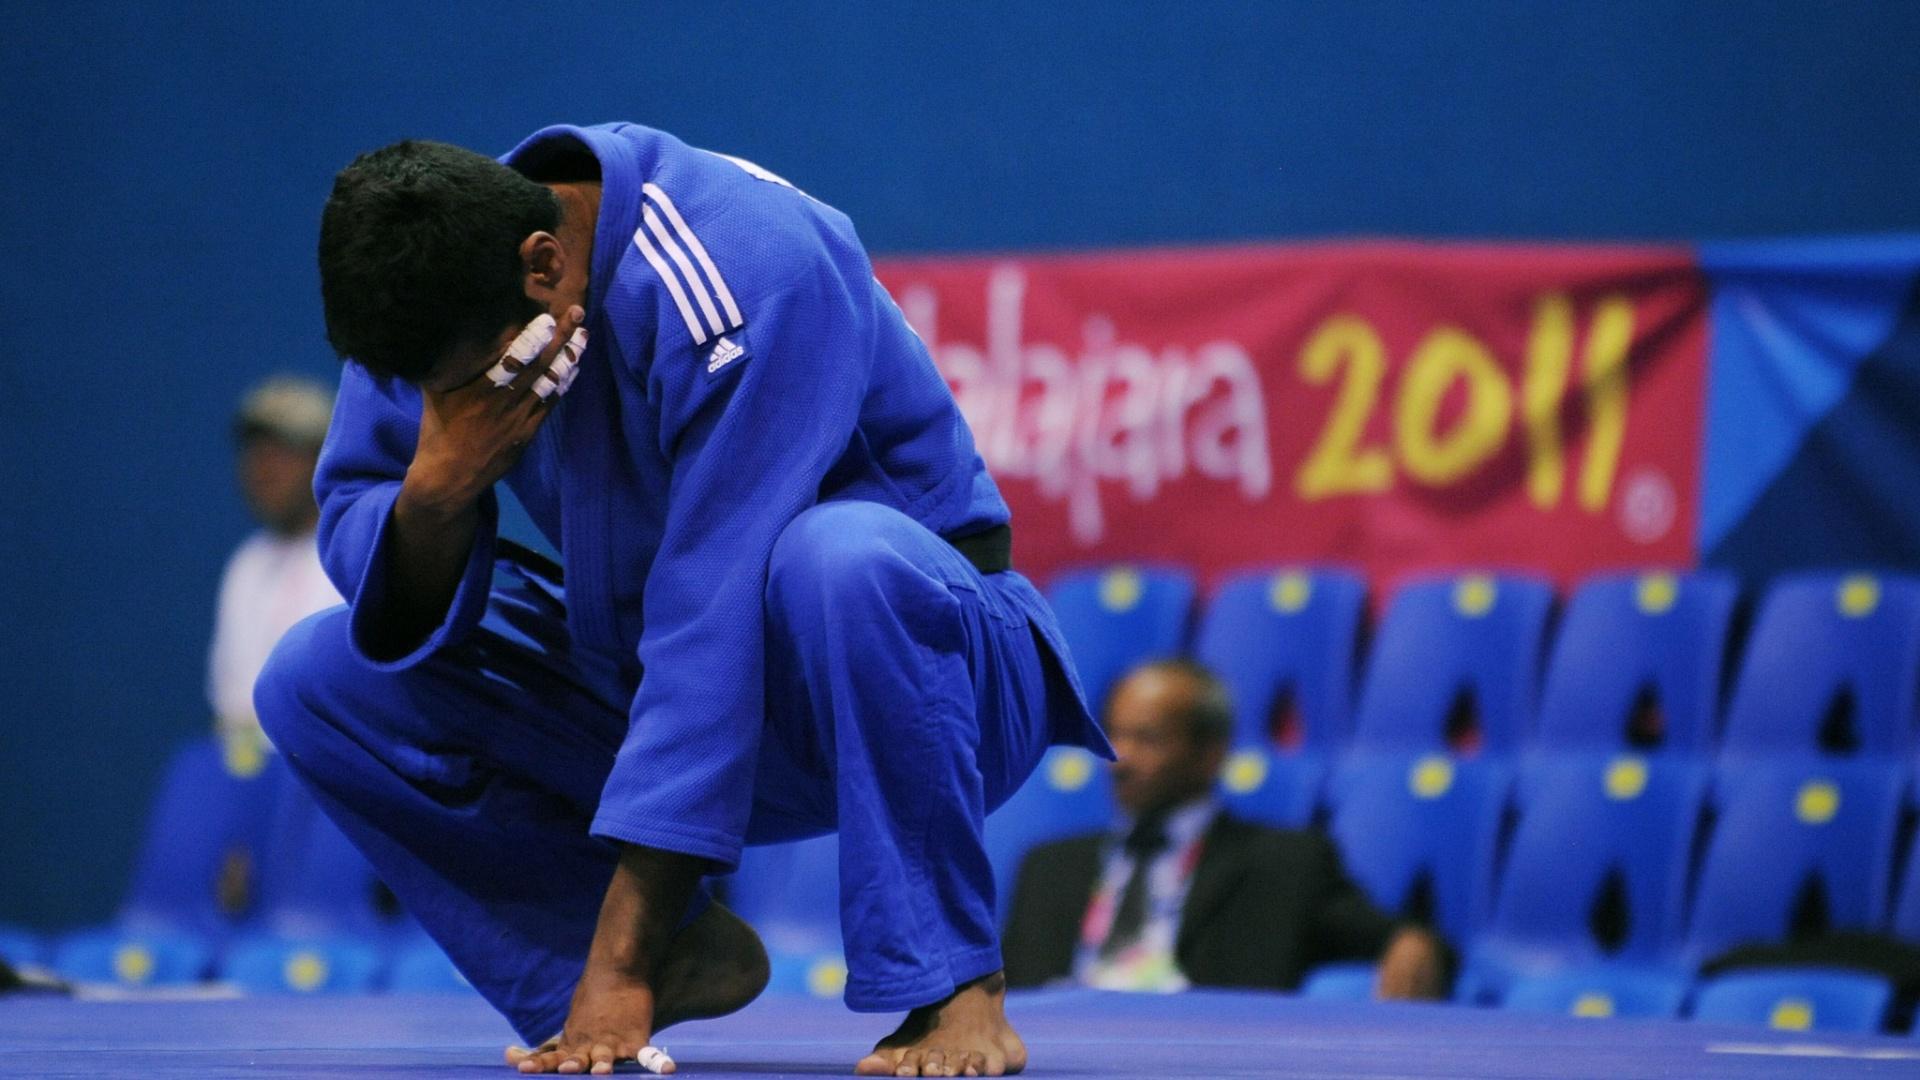 Depois de conquistar o bronze no judô, categoria até 100kg, o mexicano Sergio Garcia se emociona no tatame